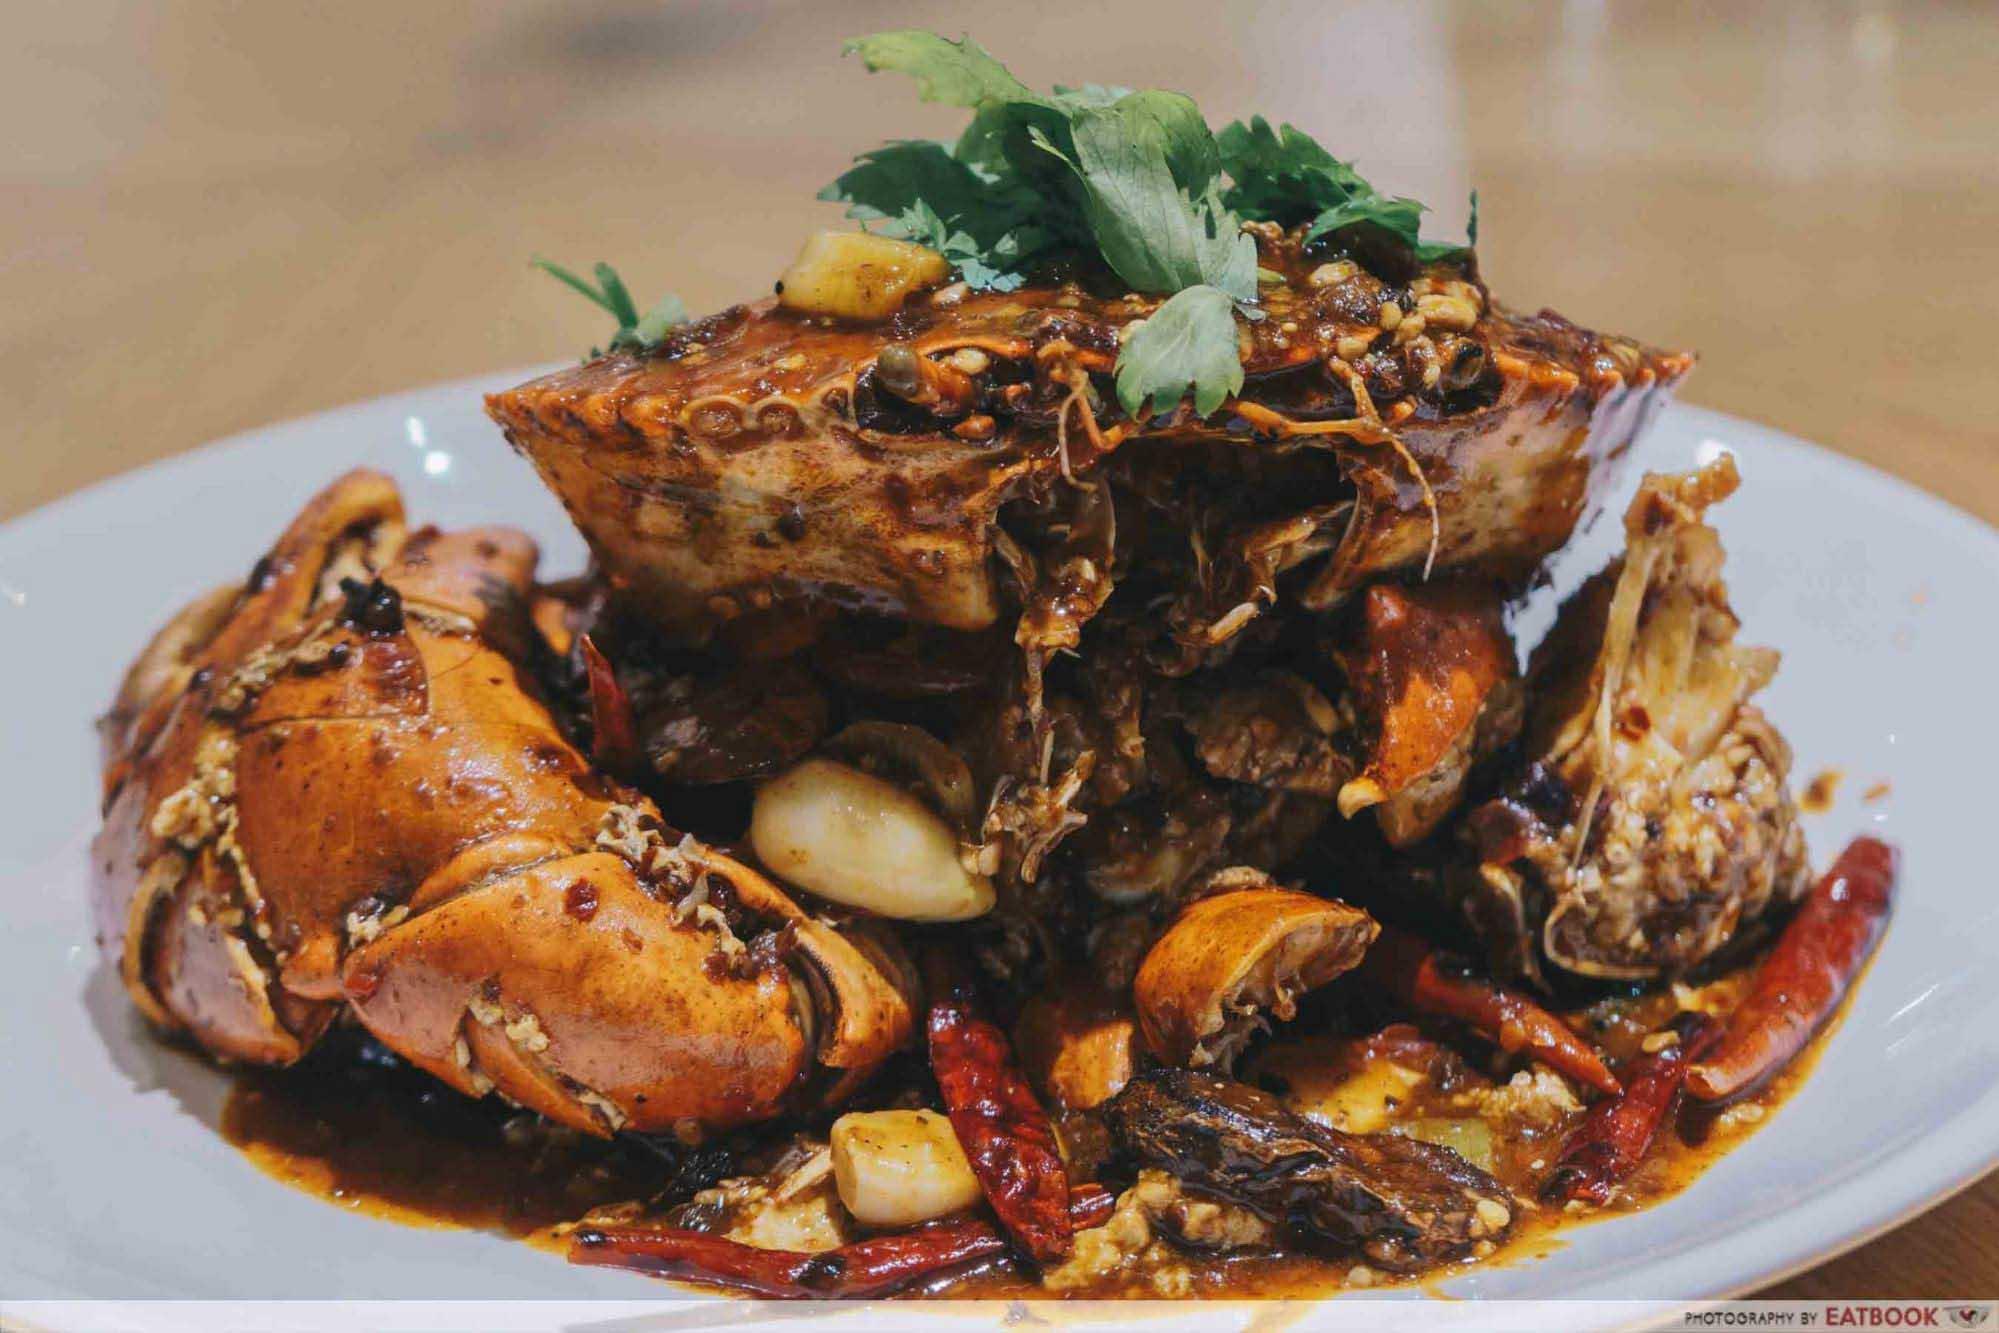 new restaurants february piao xiang ma la ma la crab